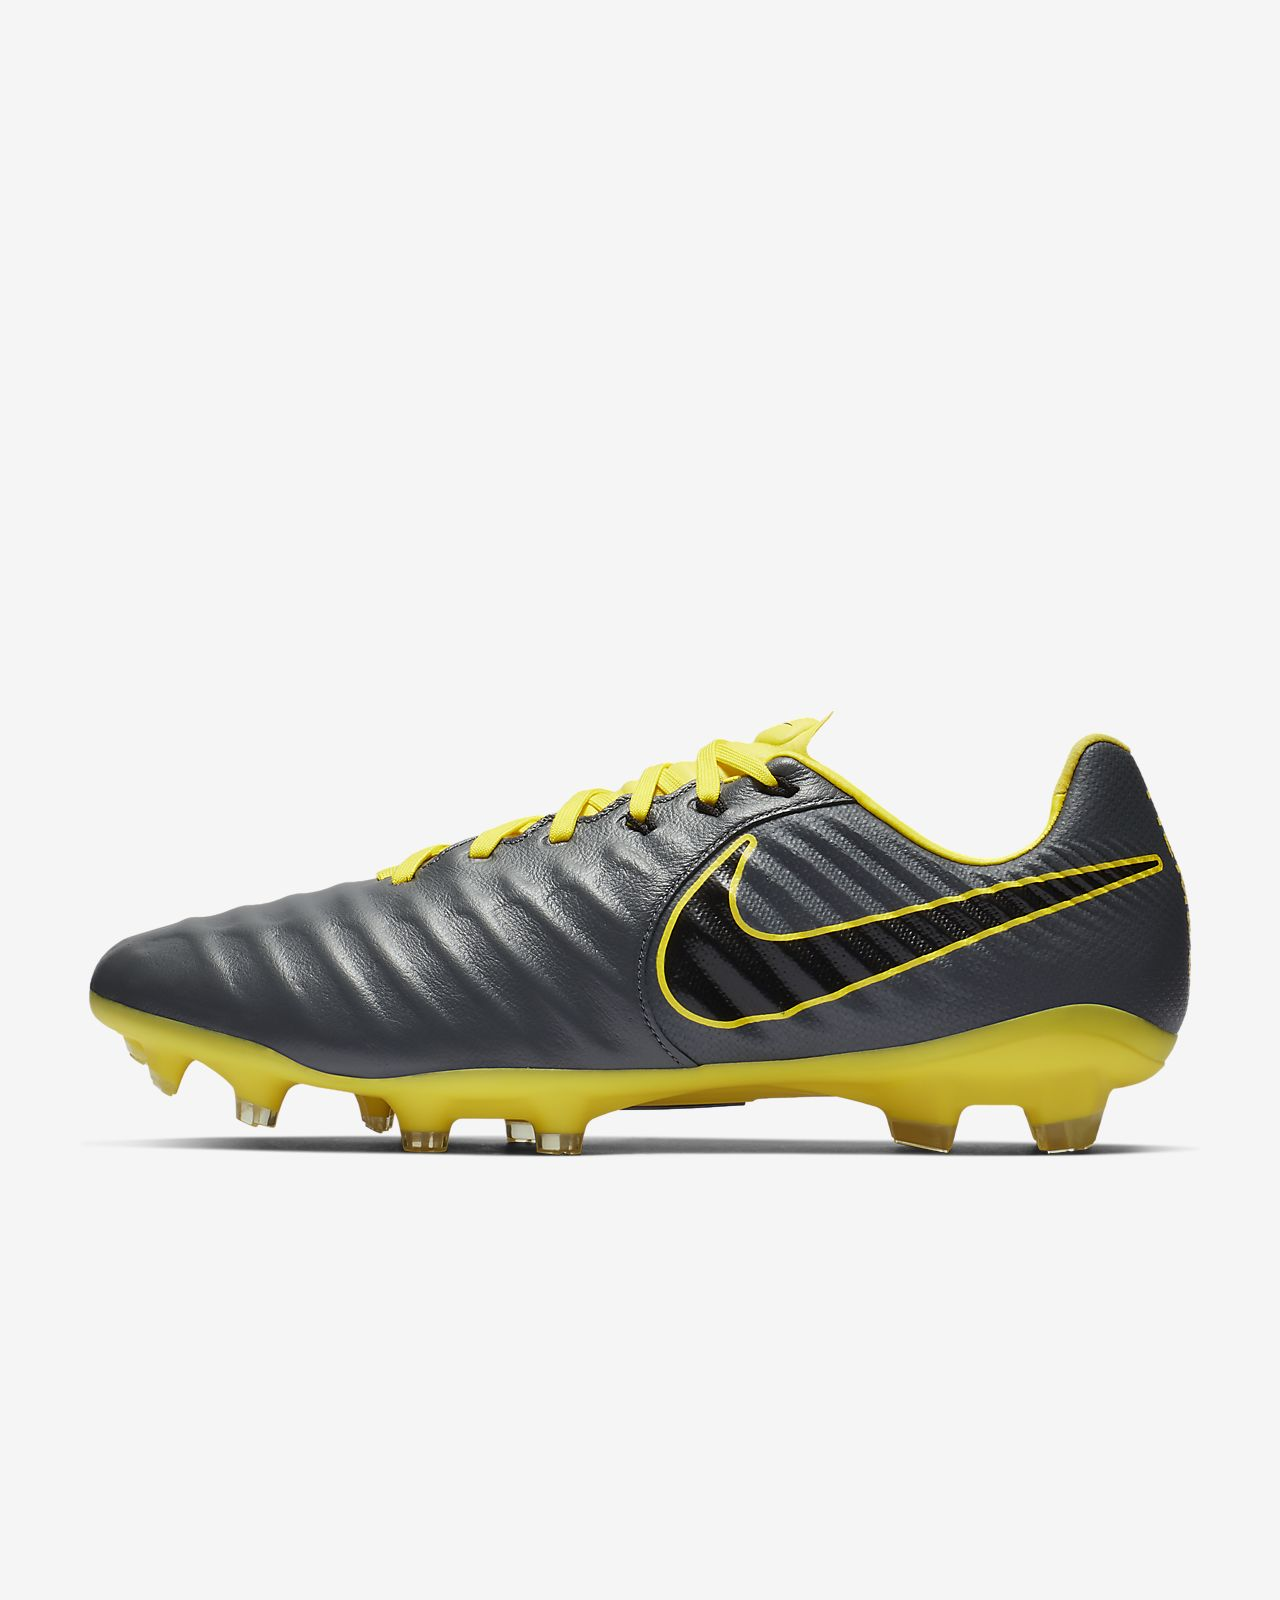 reputable site b9693 fee6b Calzado de fútbol para terreno firme Nike Legend 7 Pro FG